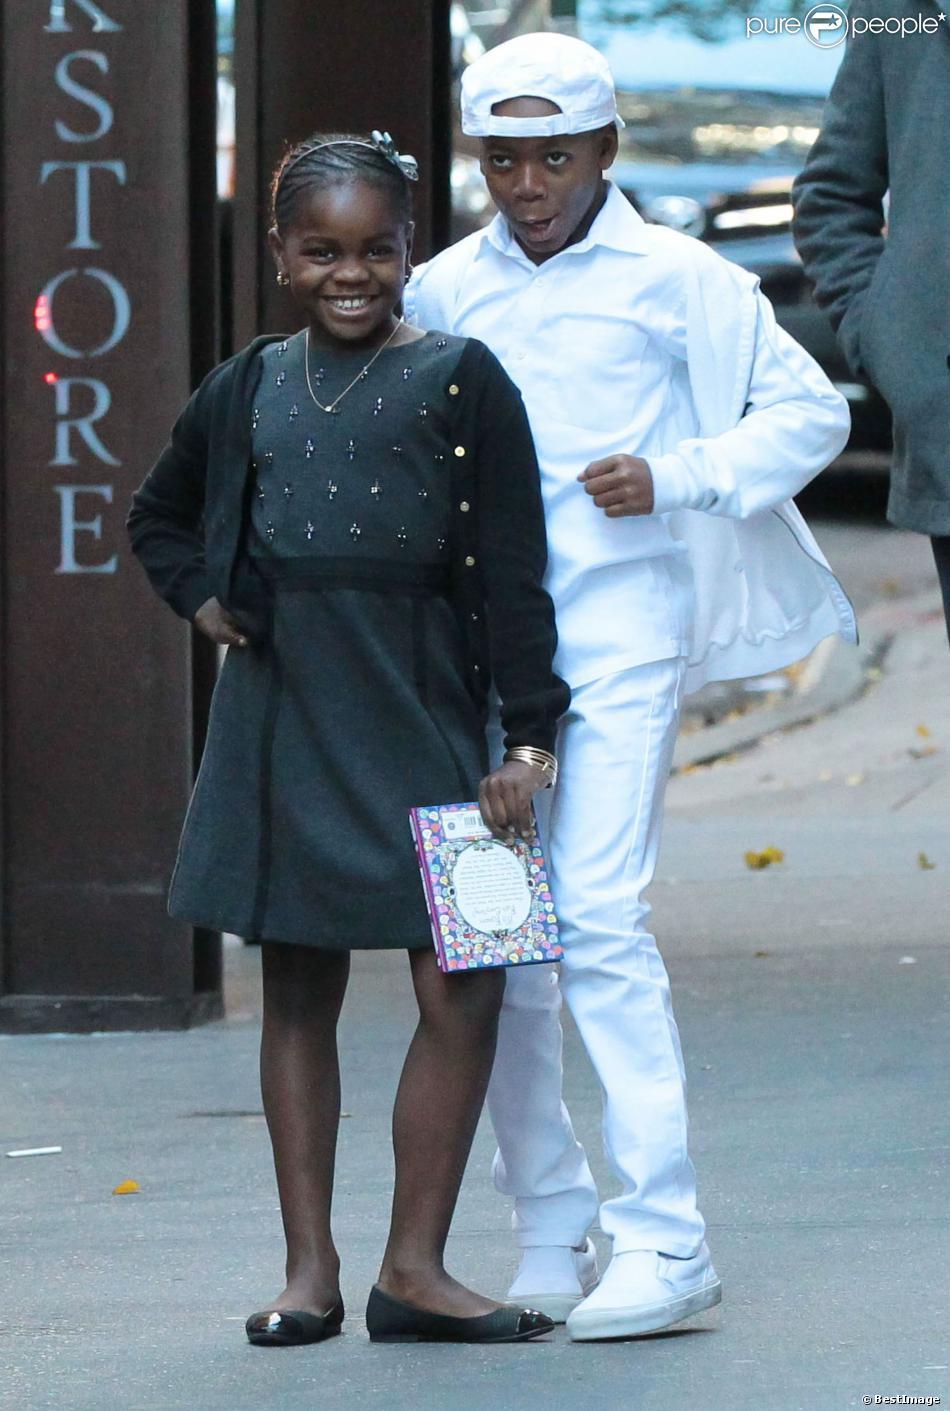 Les enfants de Madonna, Mercy James et David Banda posent pour les photographes à la sortie du centre de Kabbale à New York, le 23 novembre 2013.